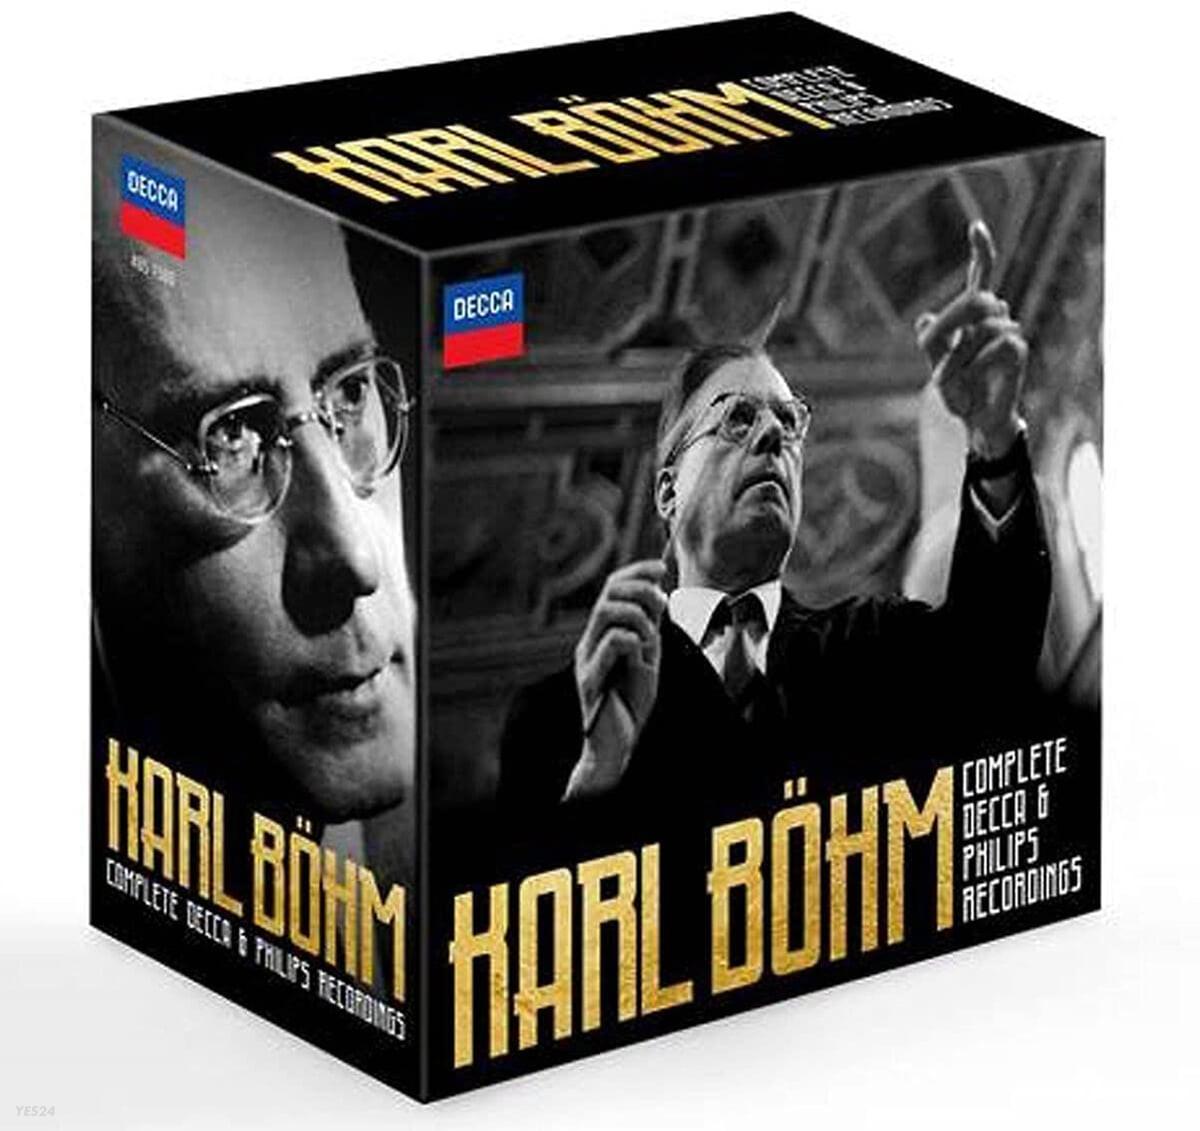 칼 뵘 - 데카, 필립스 레이블 녹음 전집 (Karl Bohm - Complete Decca, Philips Recordings)